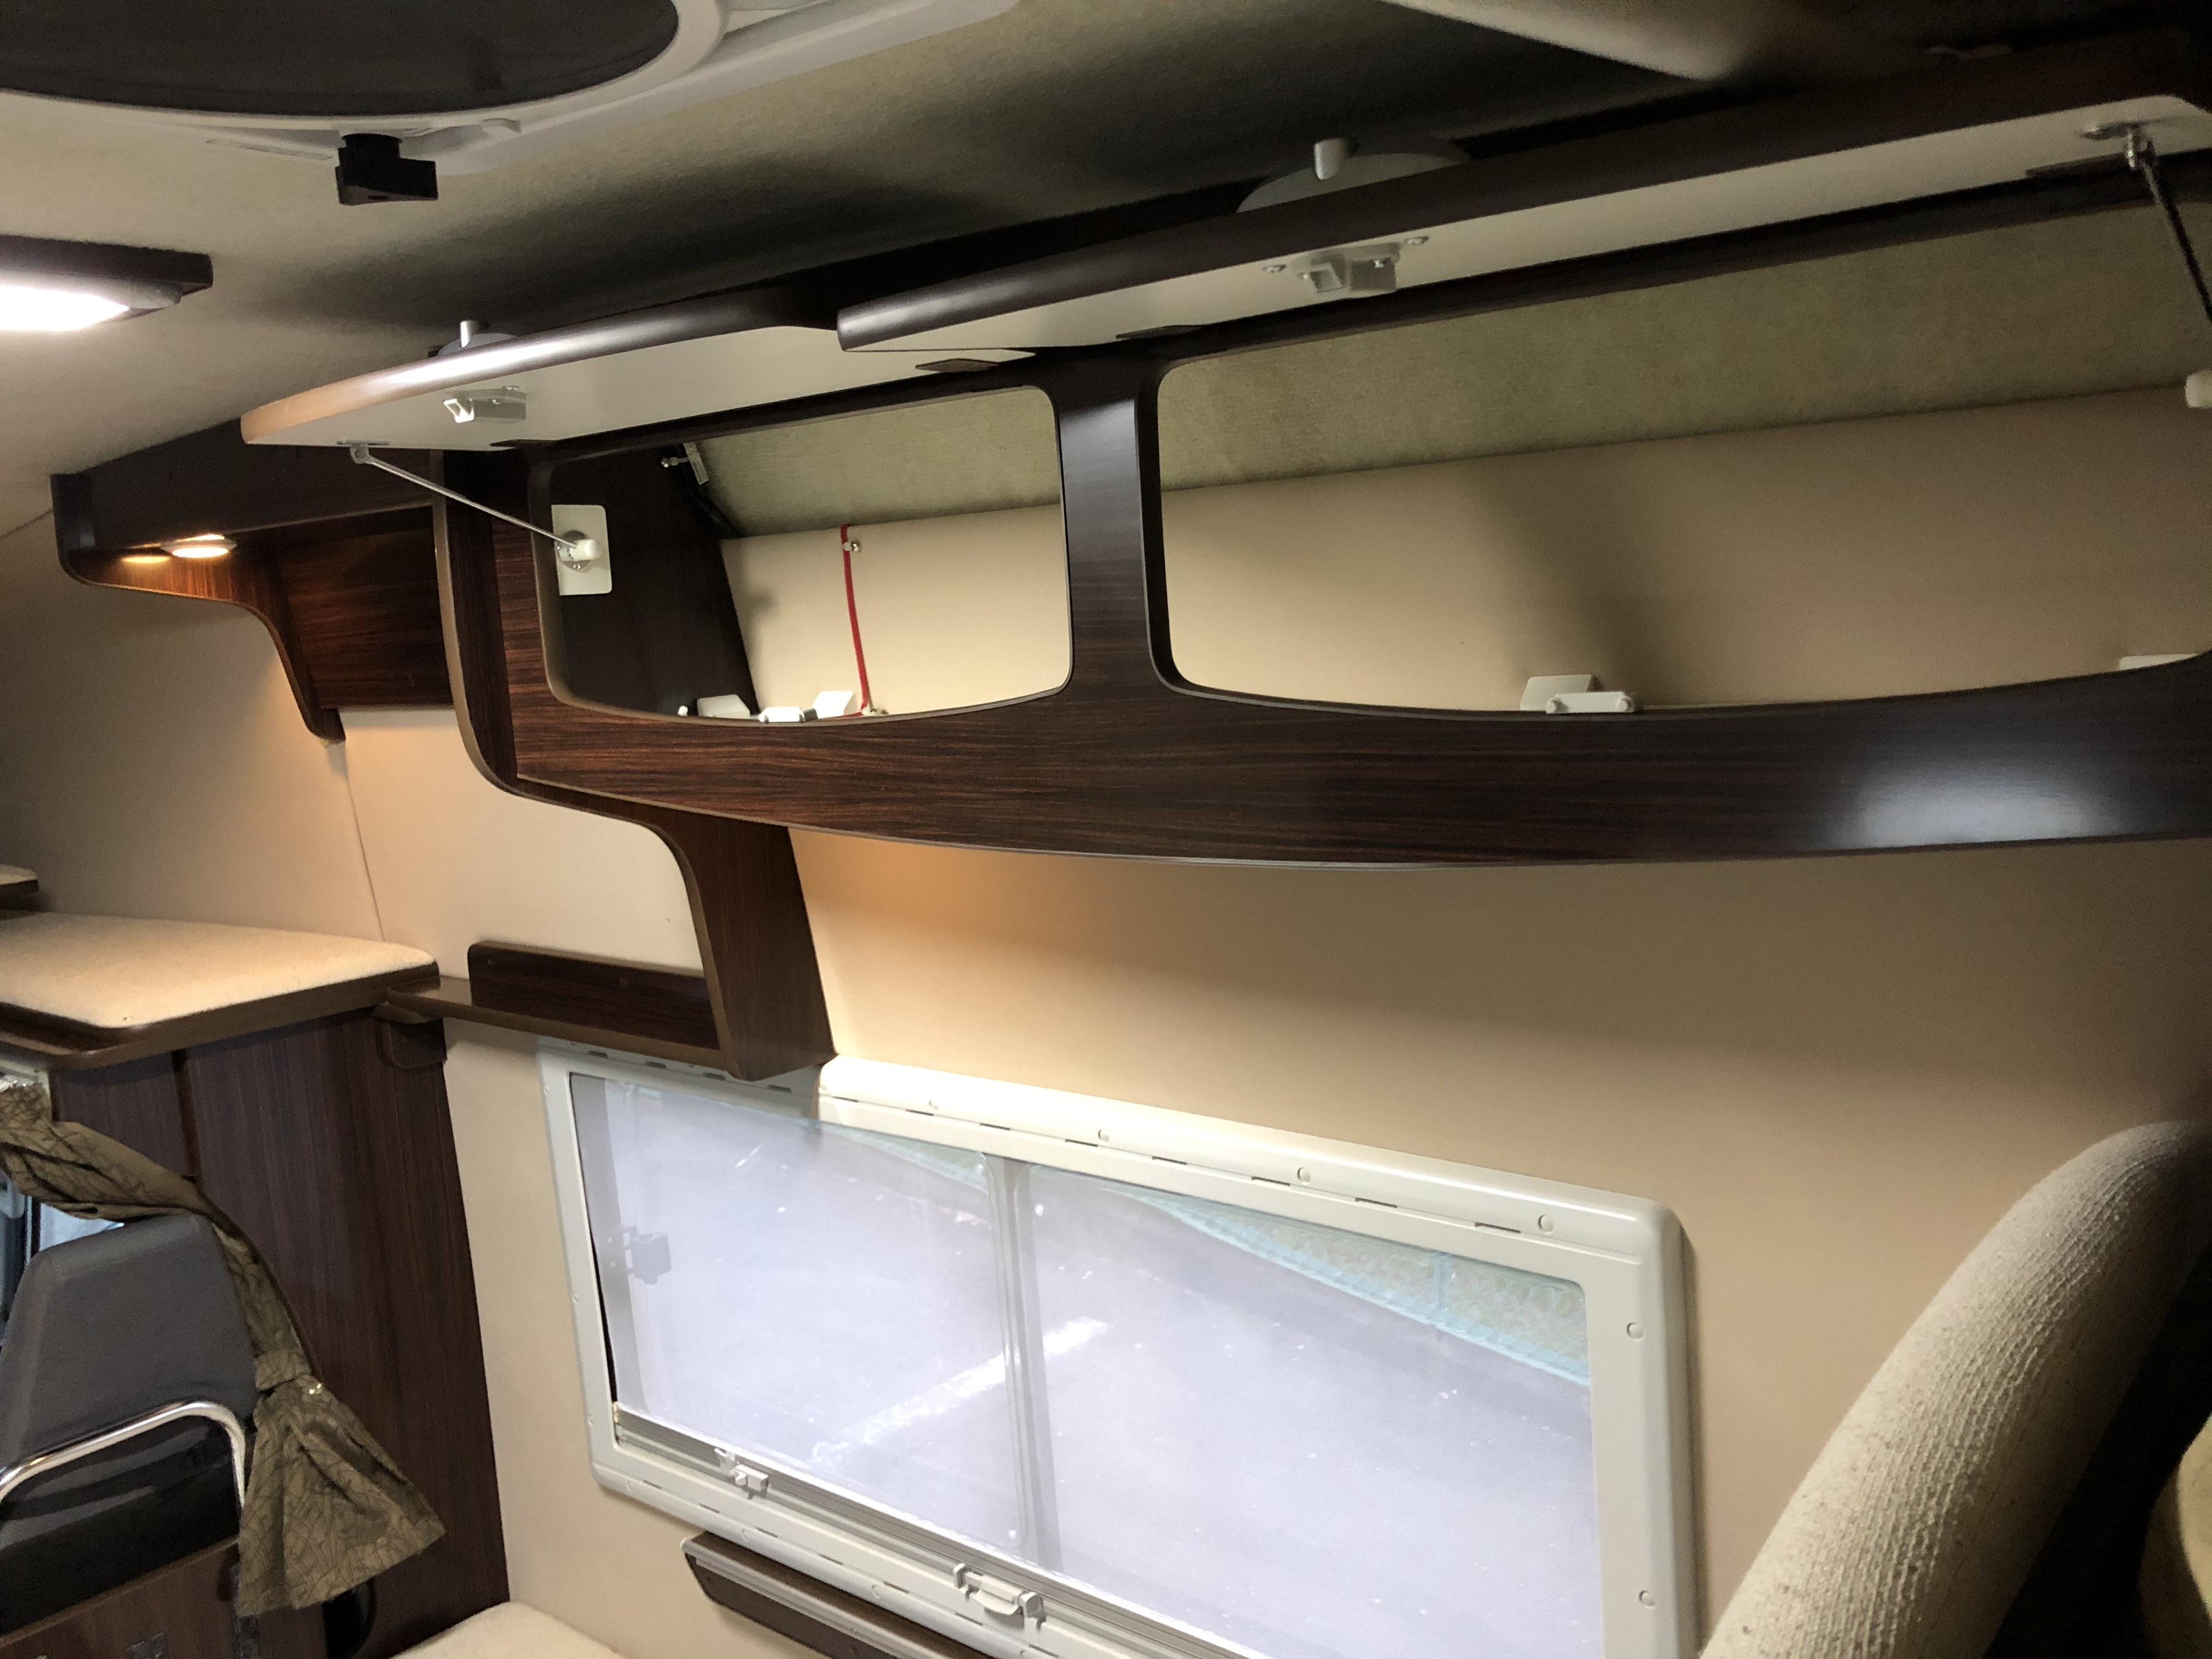 上部収納棚 窓はプラスチック製で断熱に優れます。